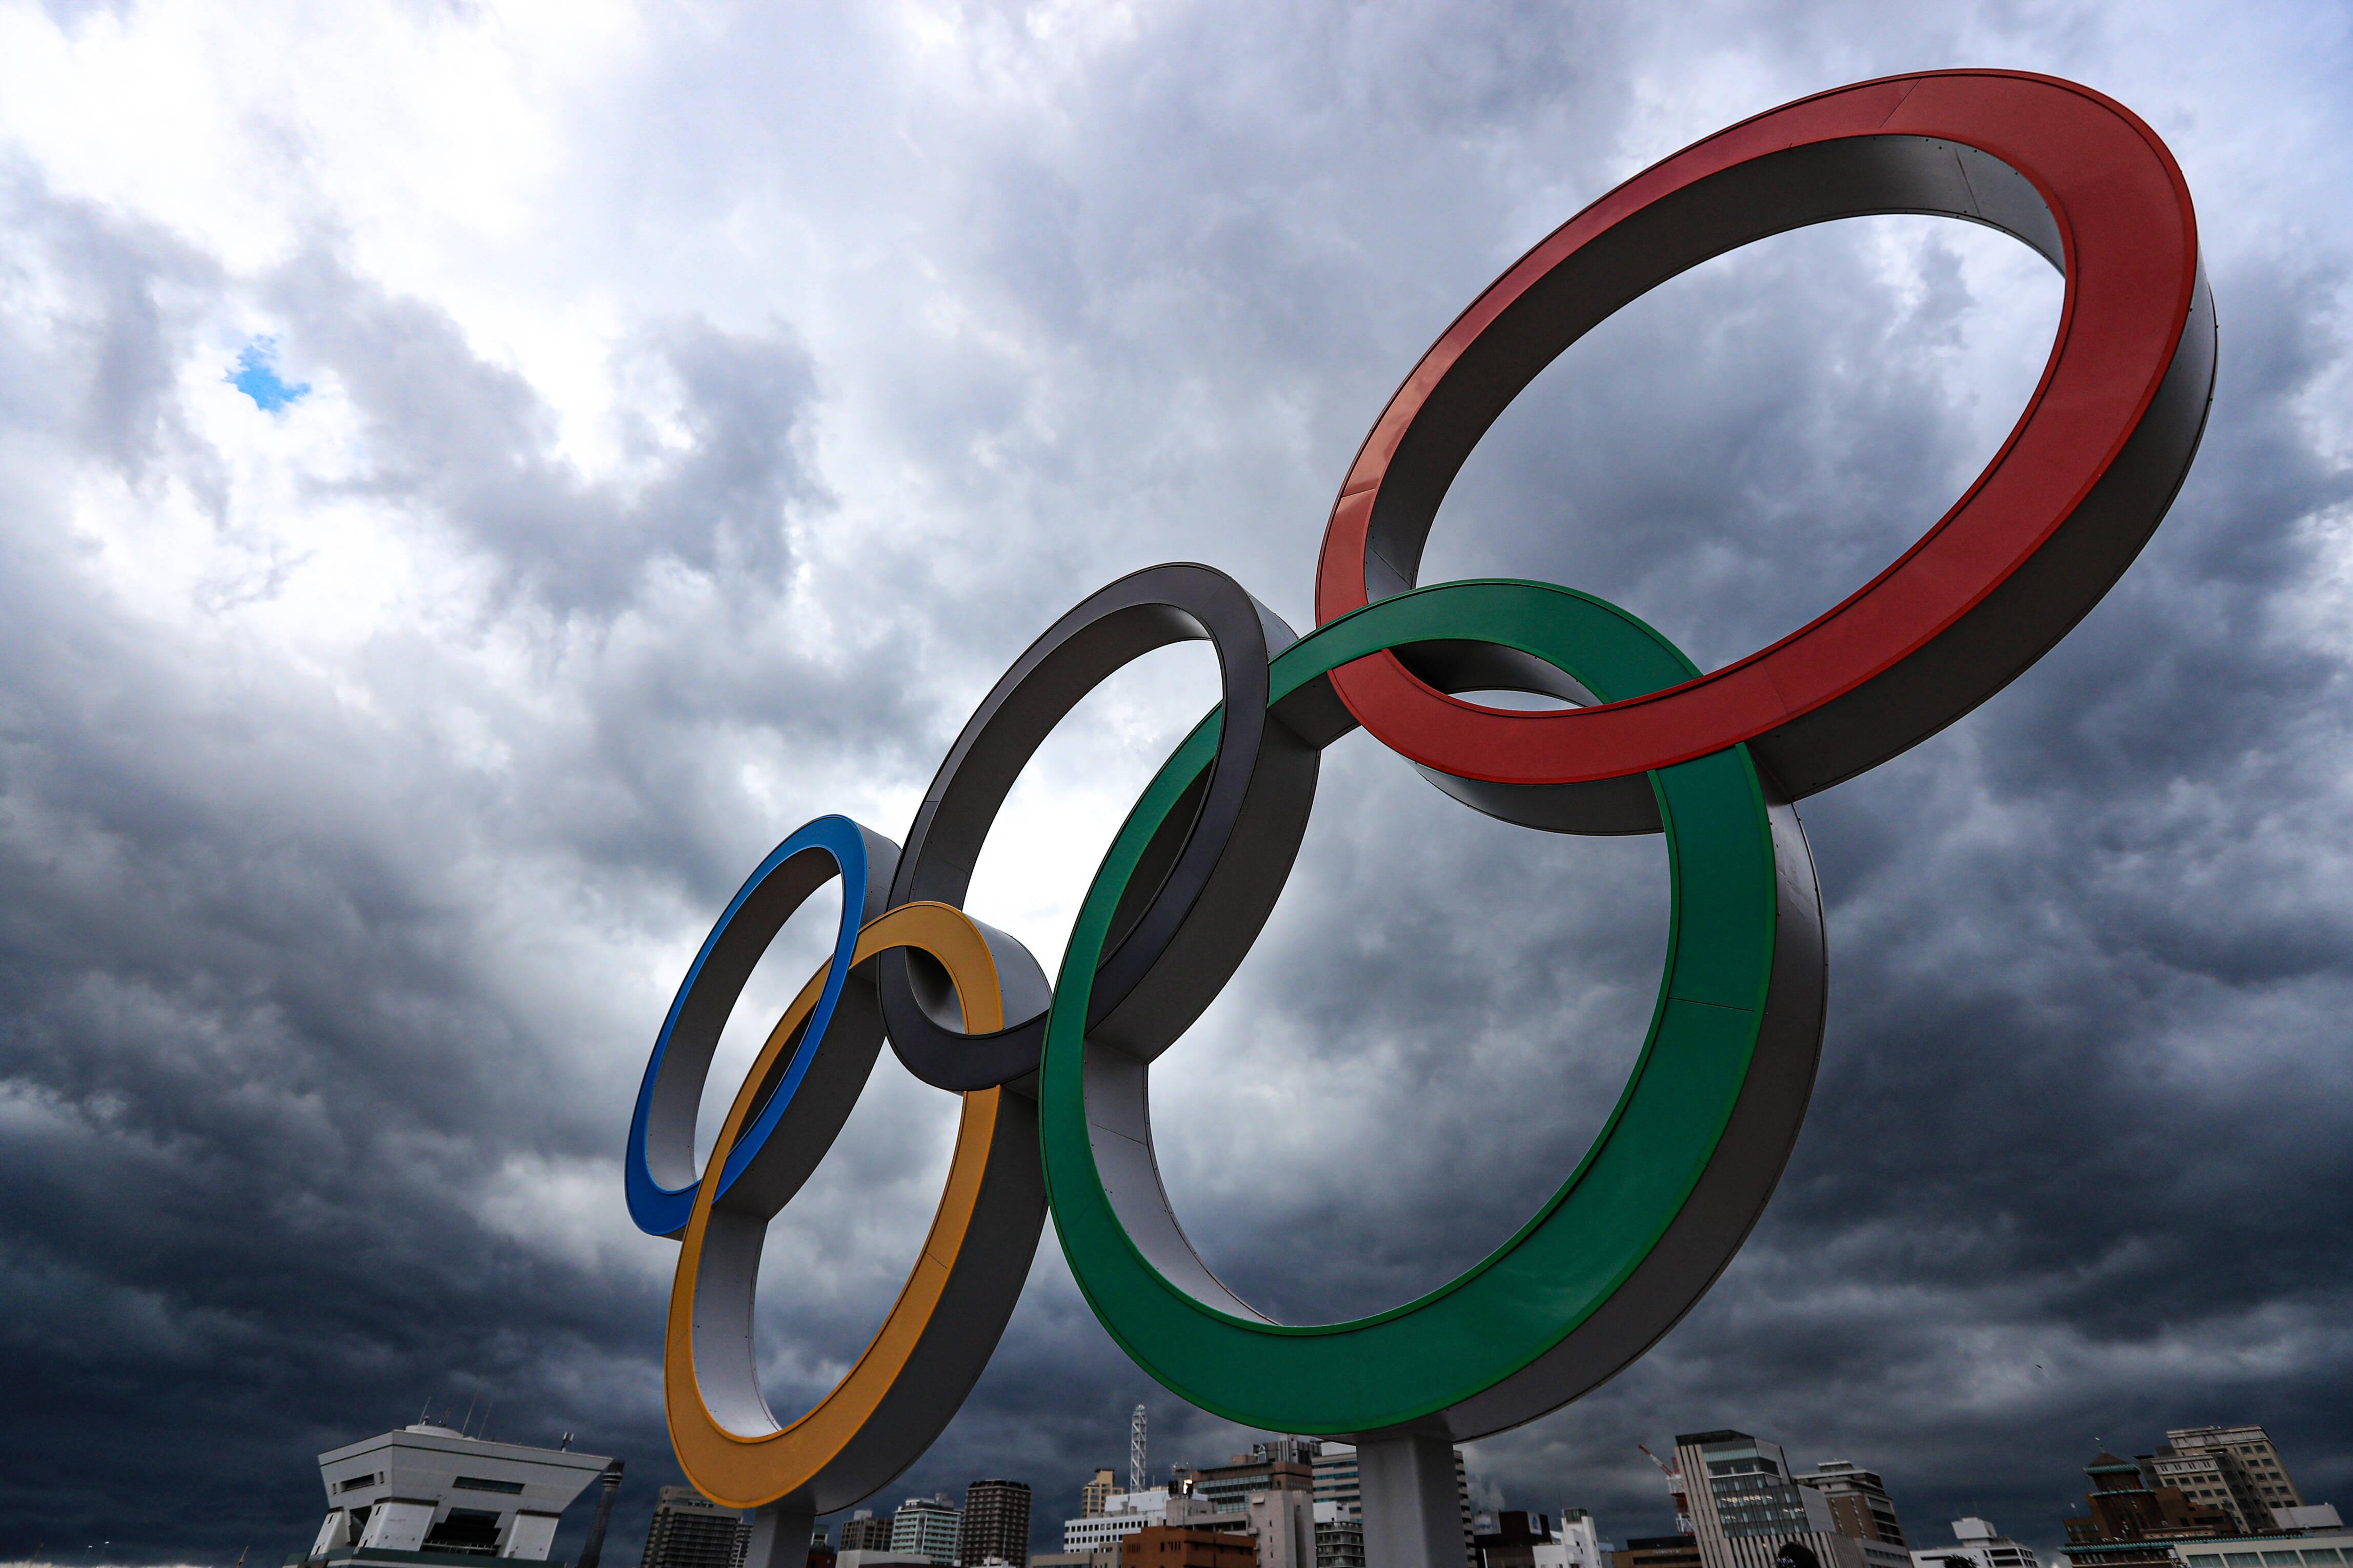 Dunkle Wolken hängen über den Ringen: Seit der Antike sind die Olympischen Spiele das bedeutendste Sportereignis der Welt. In ihrer ruhmreichen Geschichte ereigeneten sich gleich mehrere handfeste Skandale.